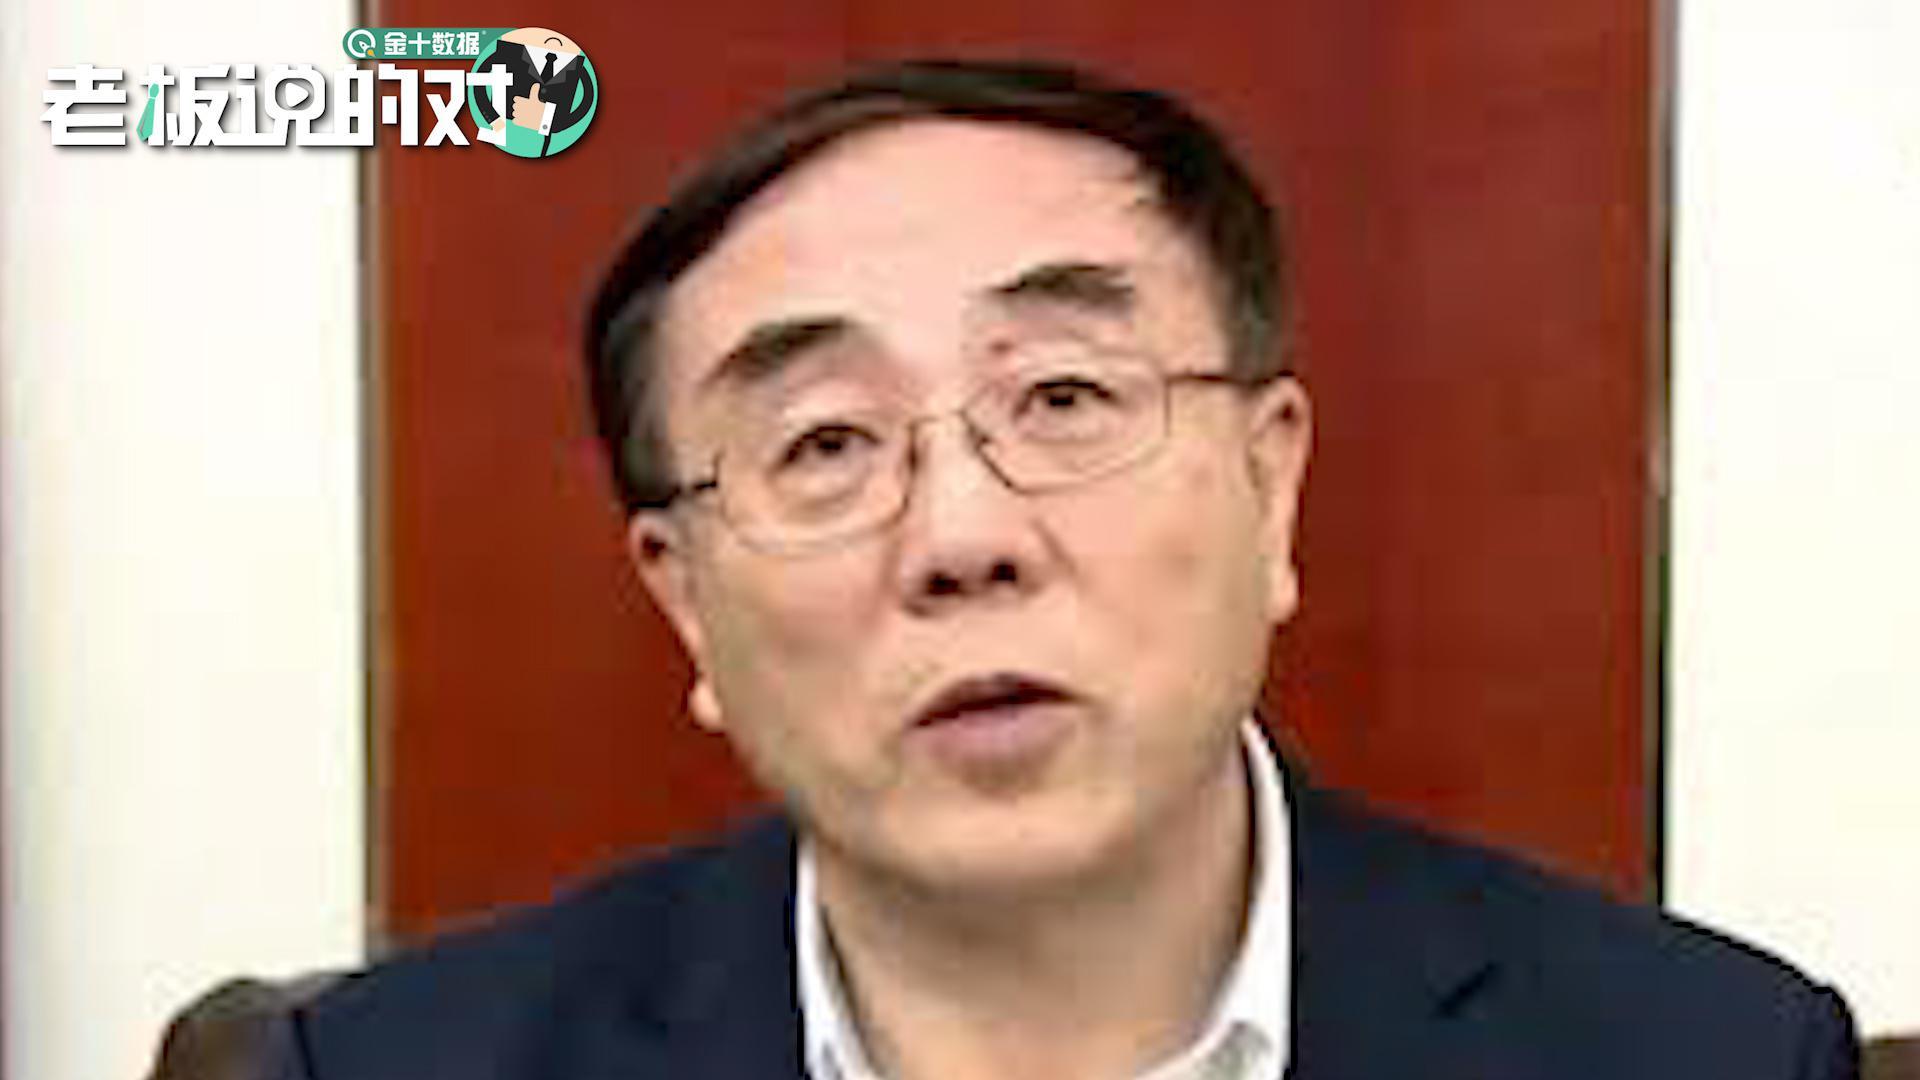 刘纪鹏:投资者是上市公司、券商、交易所等机构的衣食父母